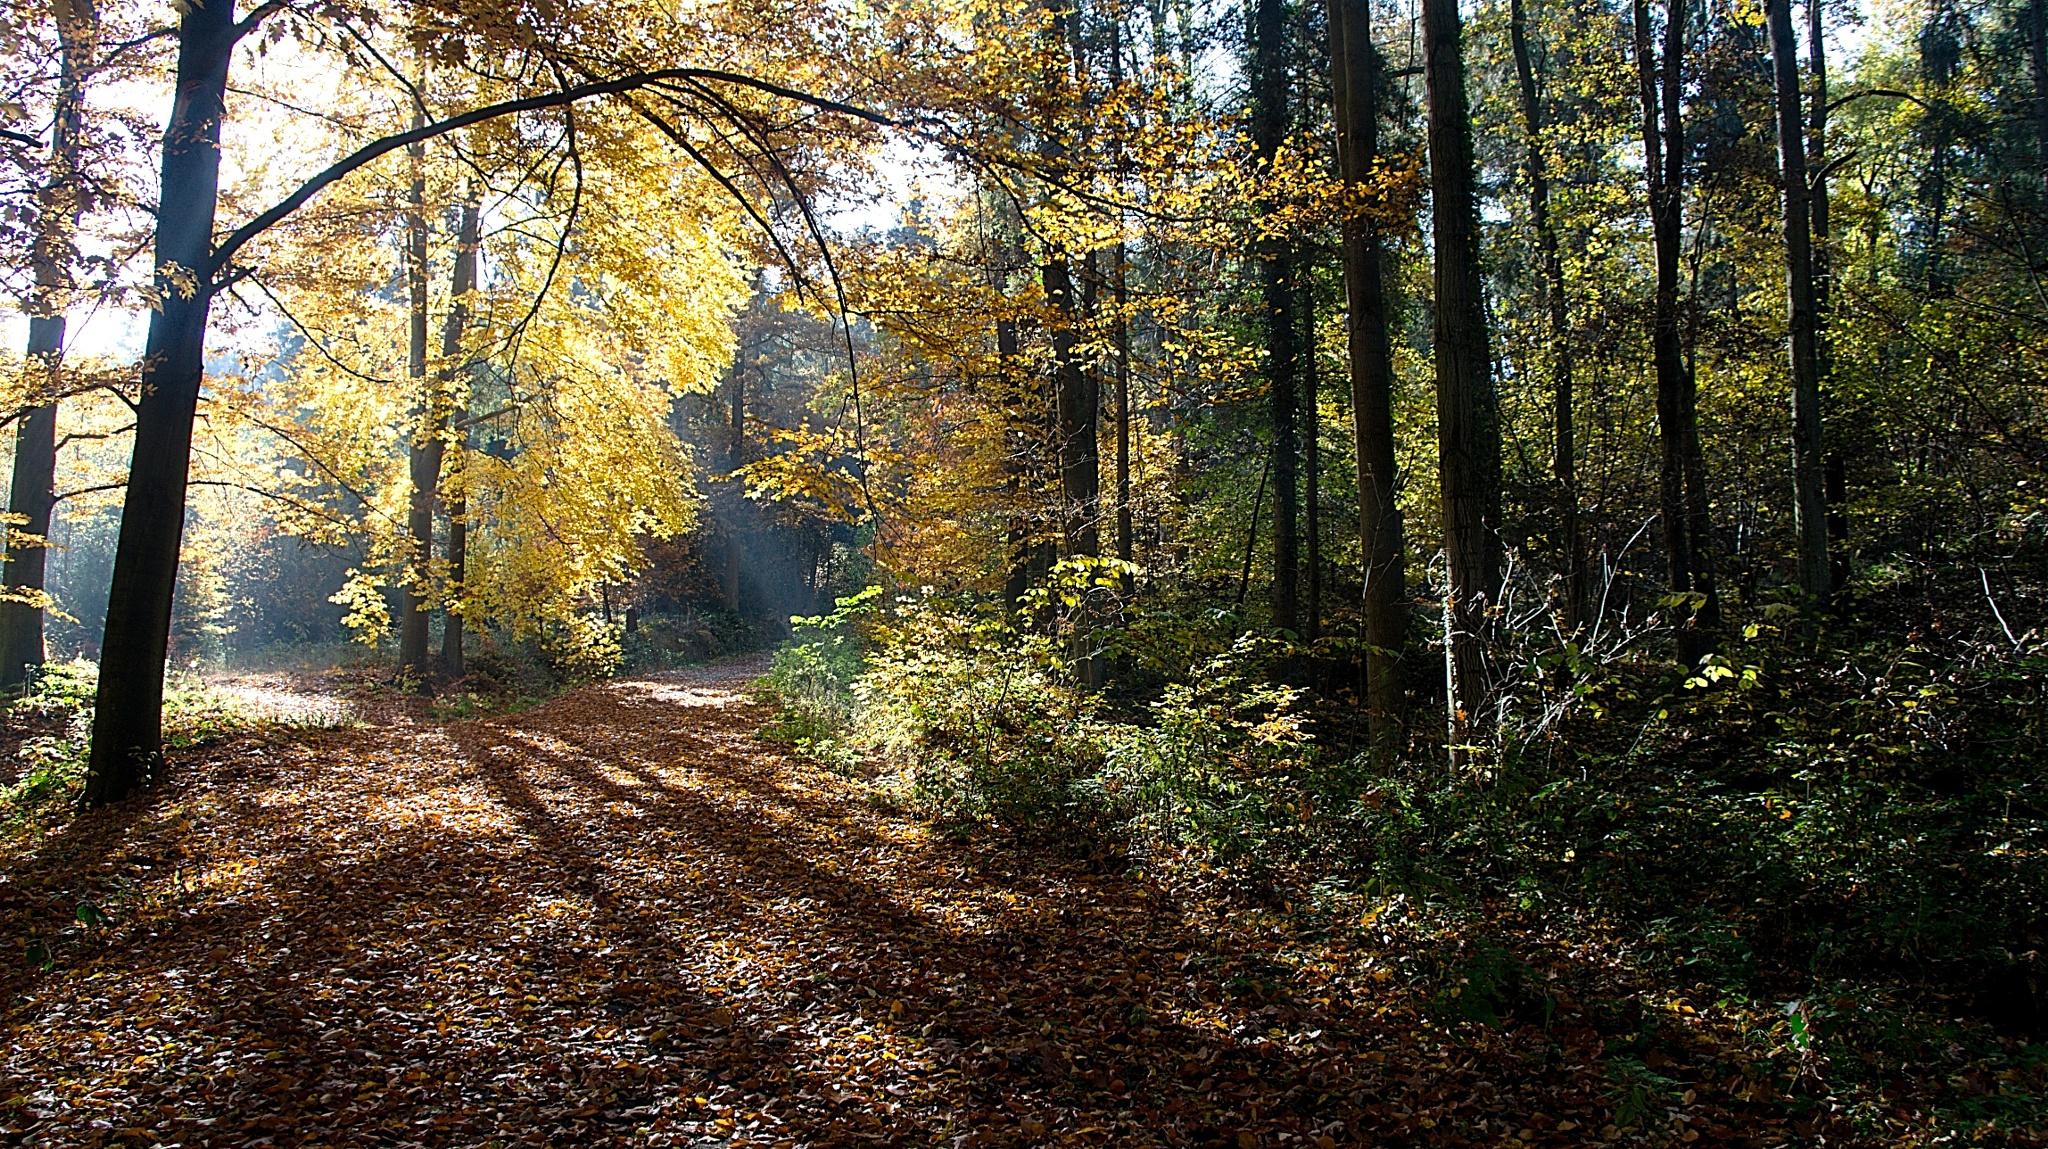 Autumn in the forest by kleckaj6